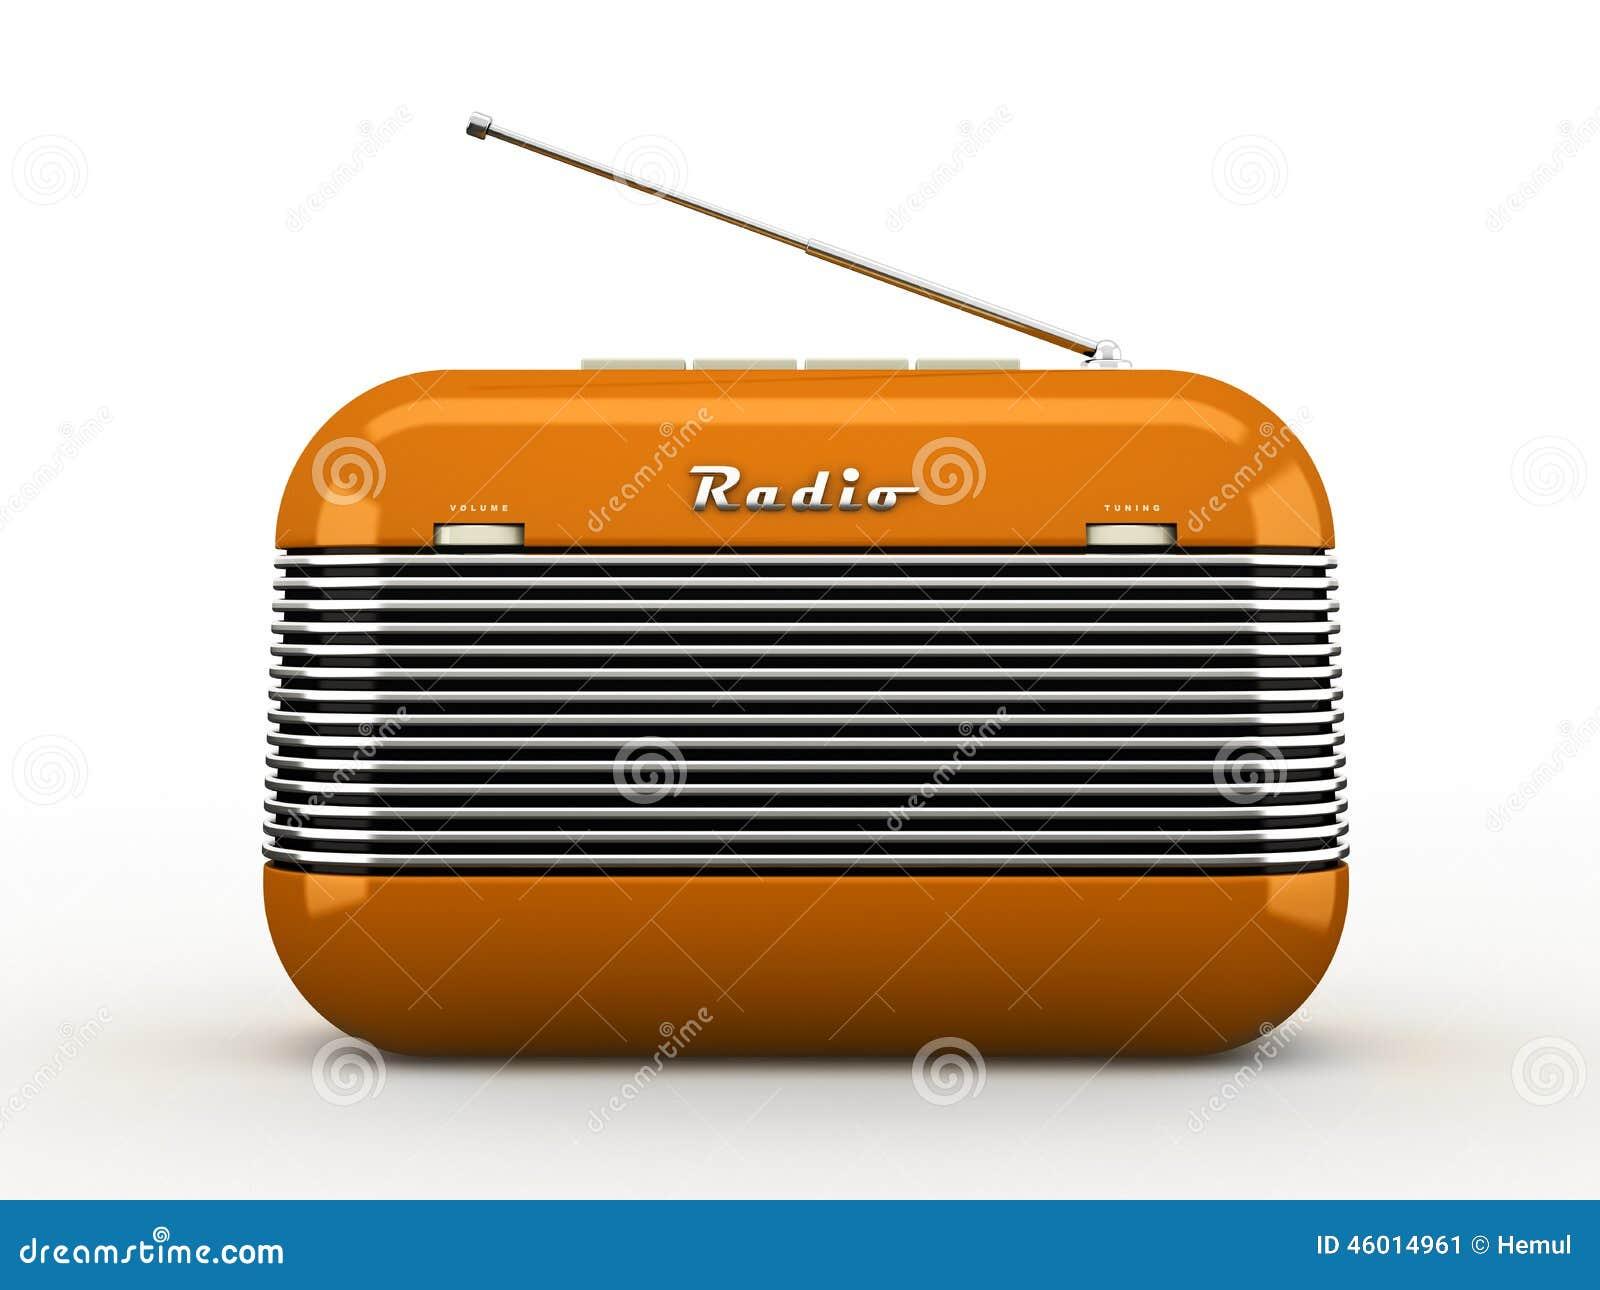 Old Orange Vintage Retro Style Radio Receiver On White